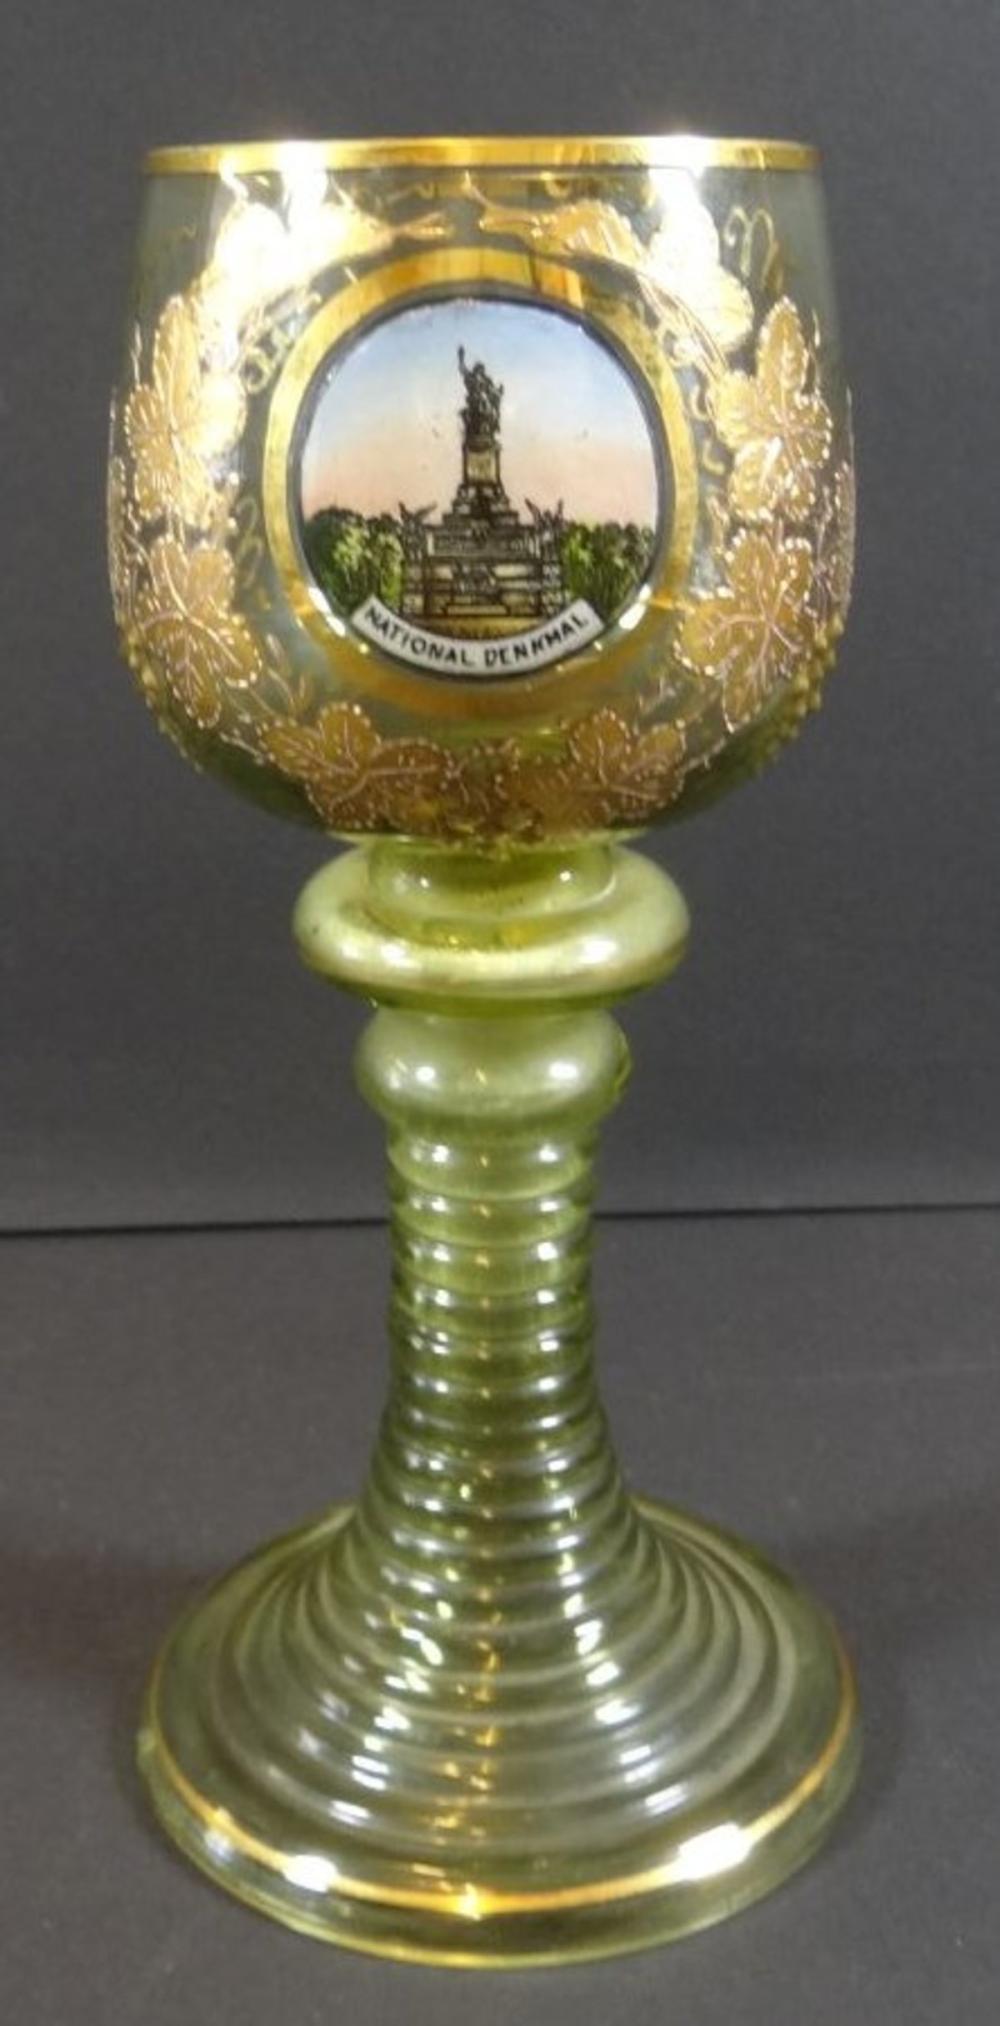 Andenken-Weinglas mit National-Denkmal